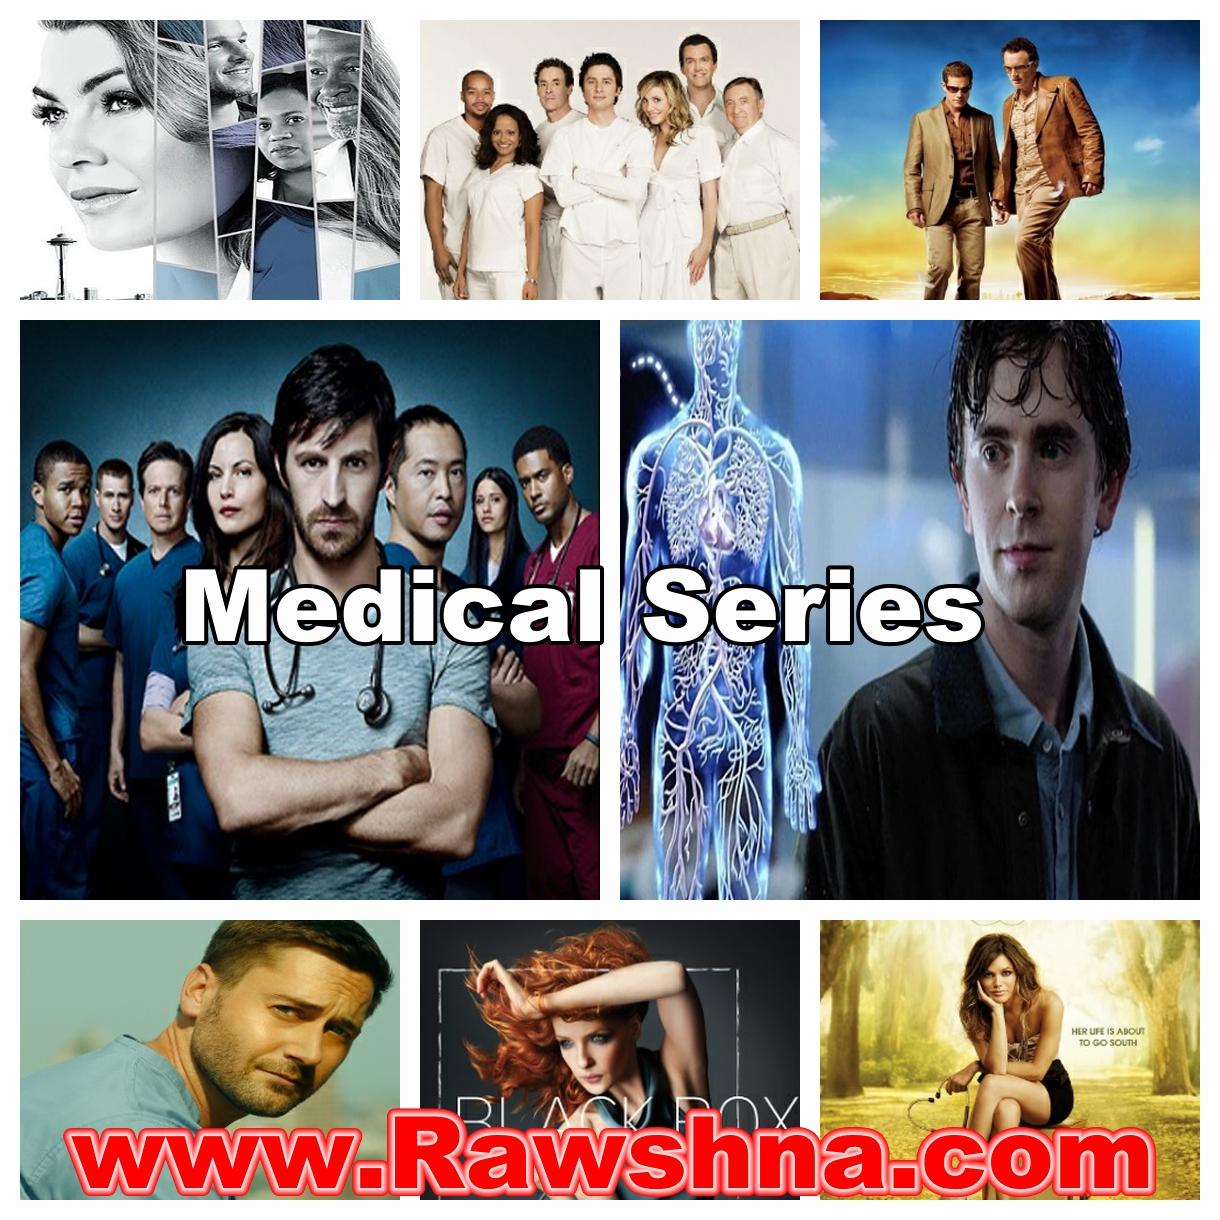 افضل مسلسلات طبية على الإطلاق